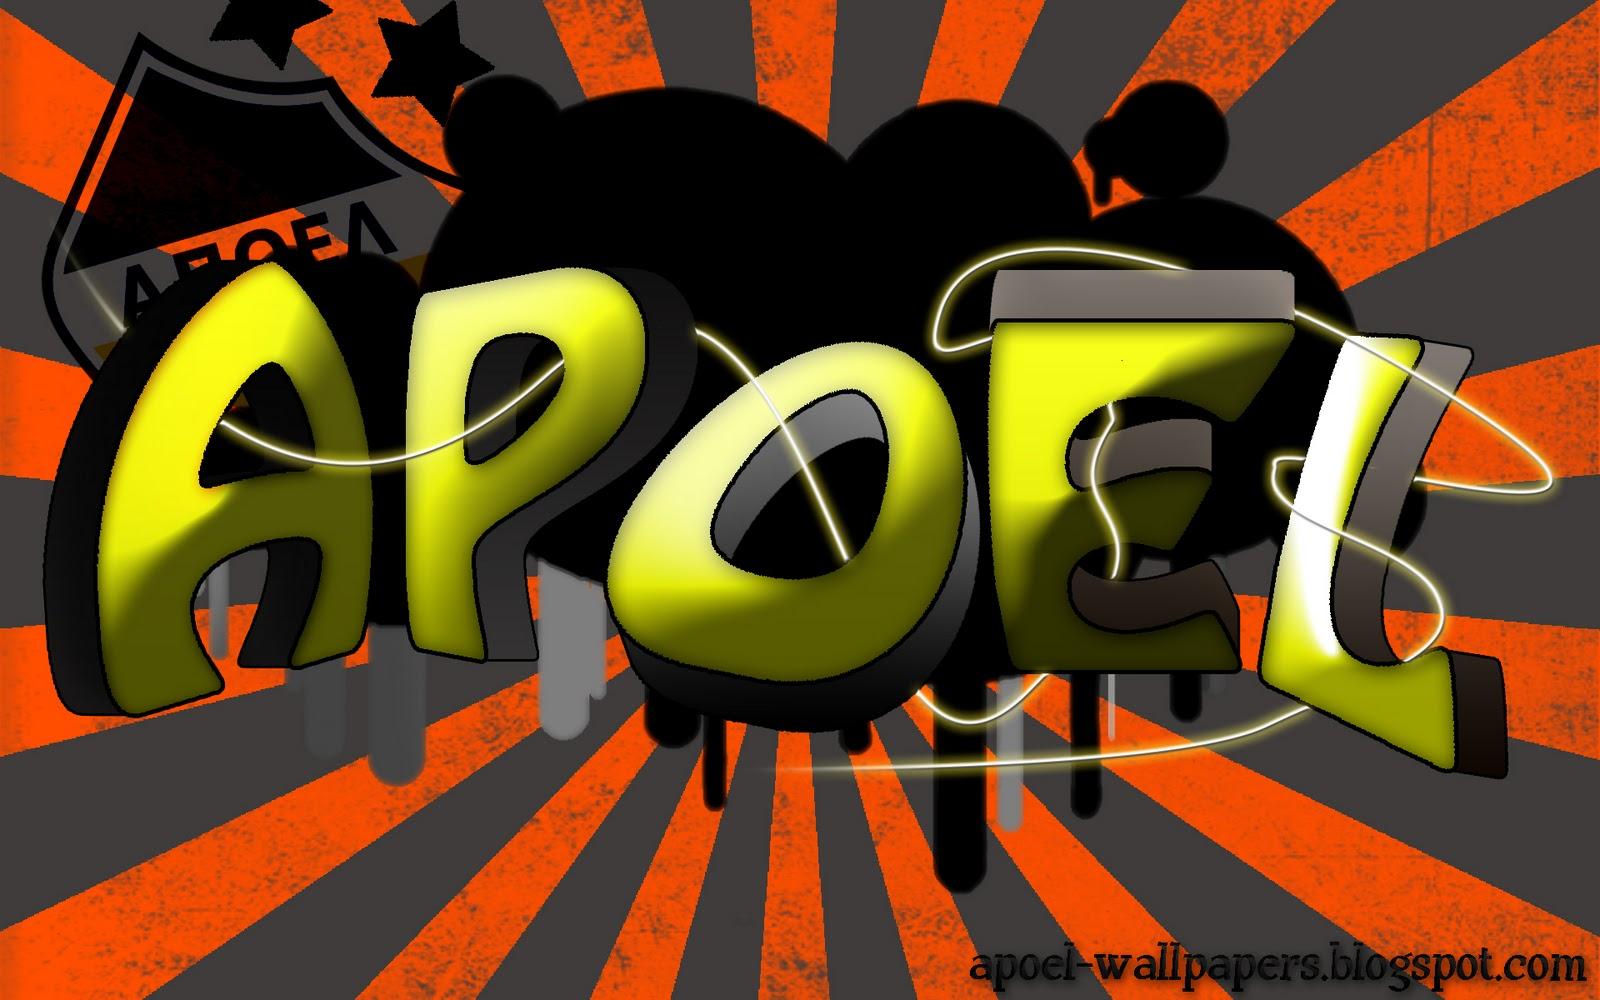 http://2.bp.blogspot.com/_Q-gr8tiCvRw/TNxL8_lJ__I/AAAAAAAAAh8/_2W1n-AtuyQ/s1600/APOEL_light_lines_3D.jpg